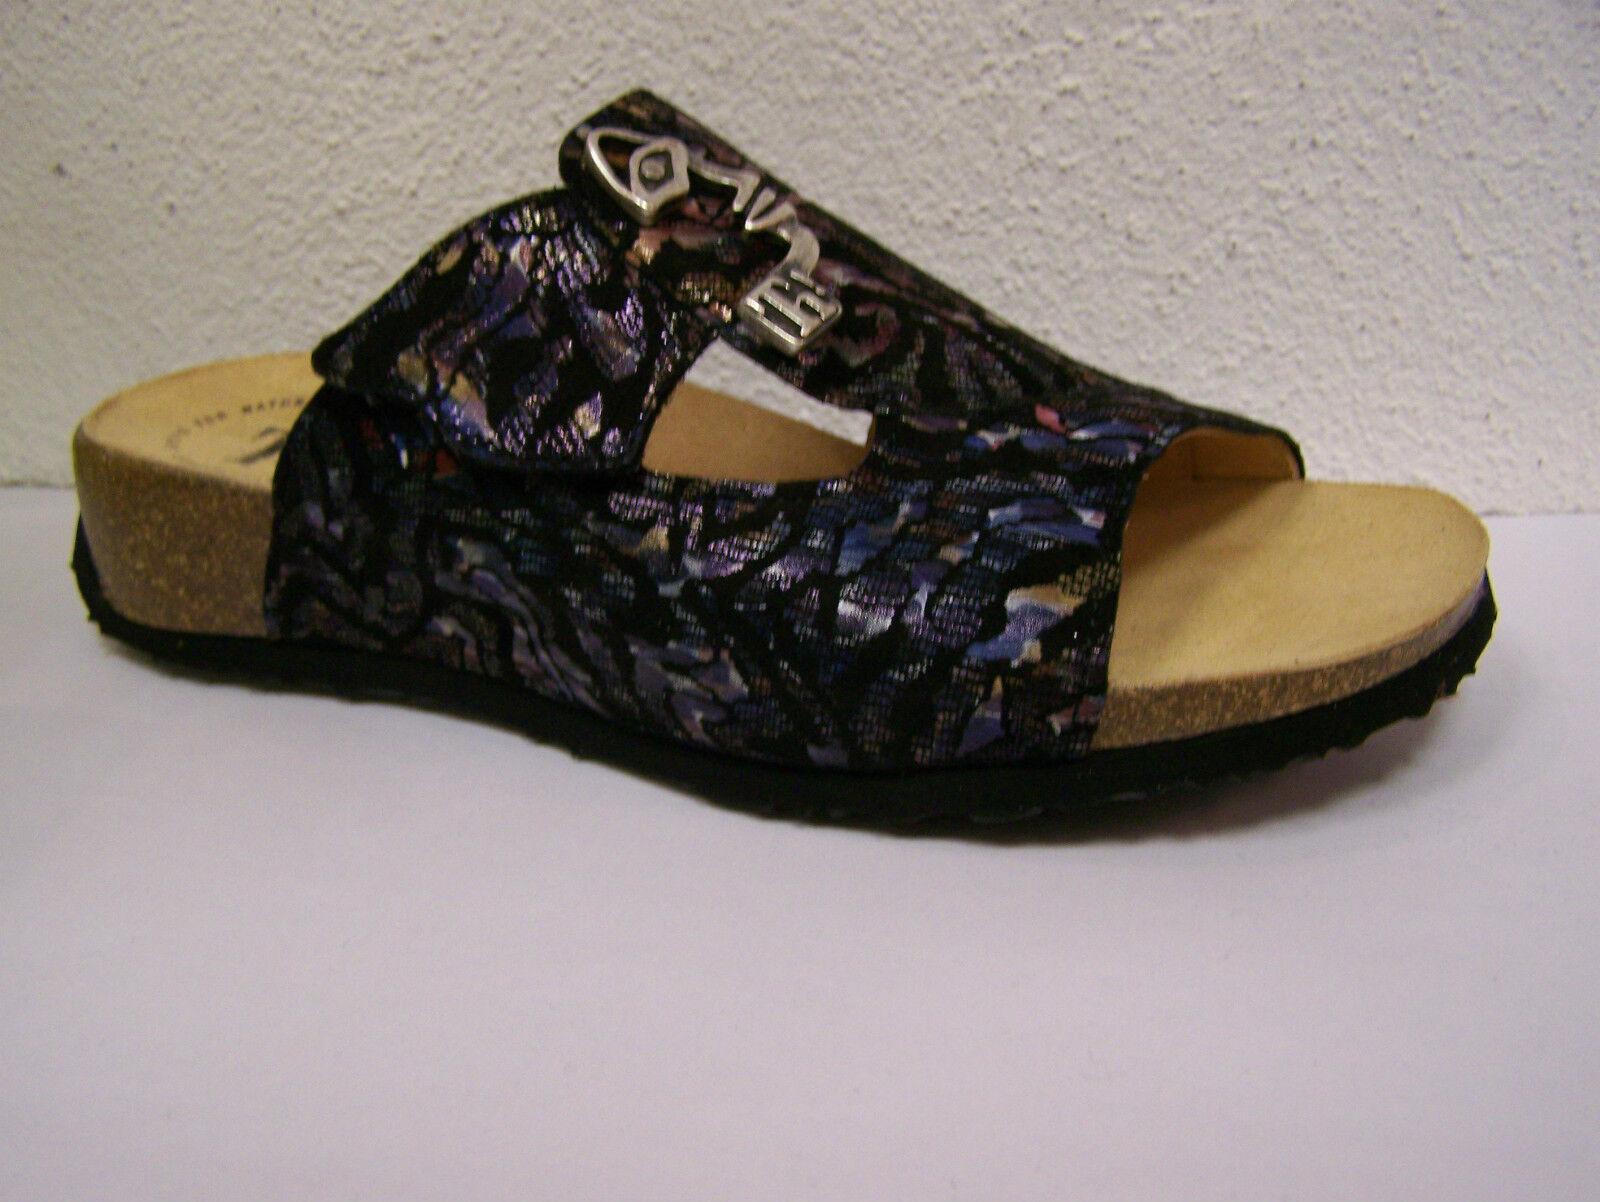 Valleverde donna sandali comfort open toe blu PE 33210 scarpe in pelle PE blu 18 e225fd